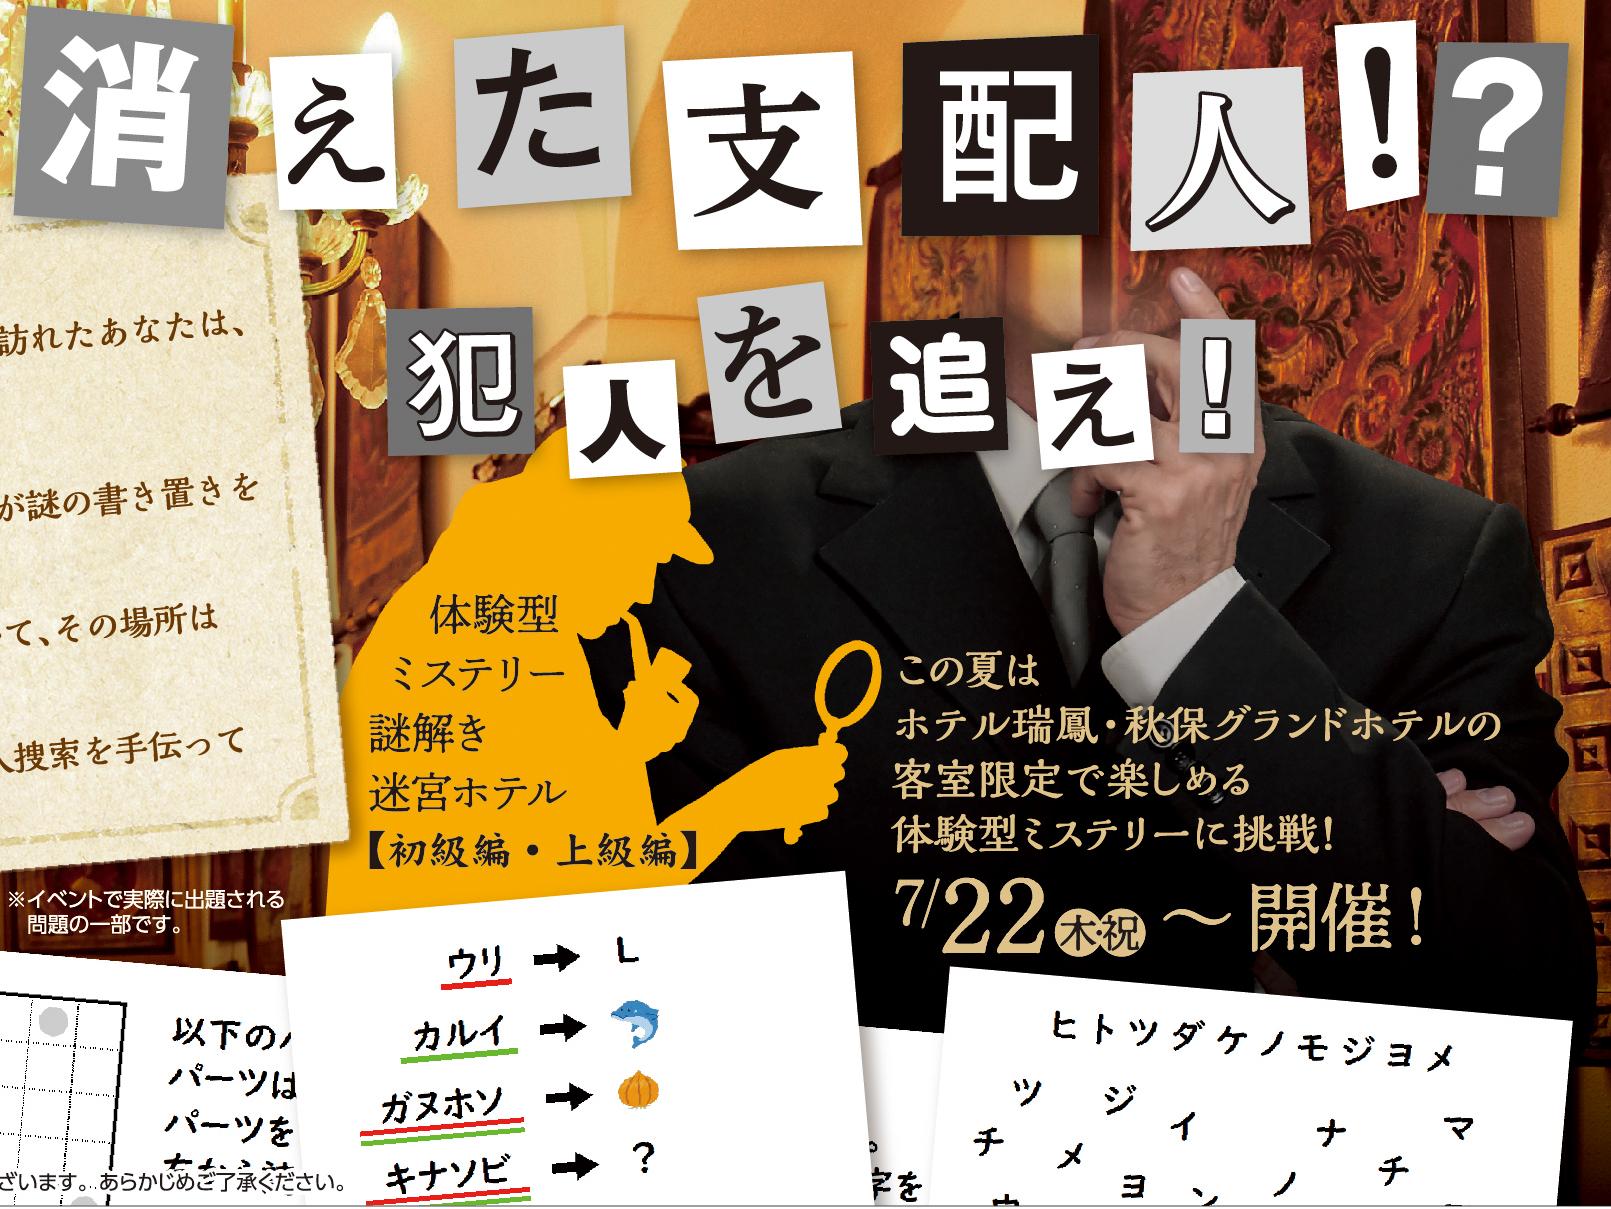 客室で楽しめる謎解きに挑戦!『瑞鳳』『秋保グランドホテル』夏休み特別企画7/22(木・祝)より開催!